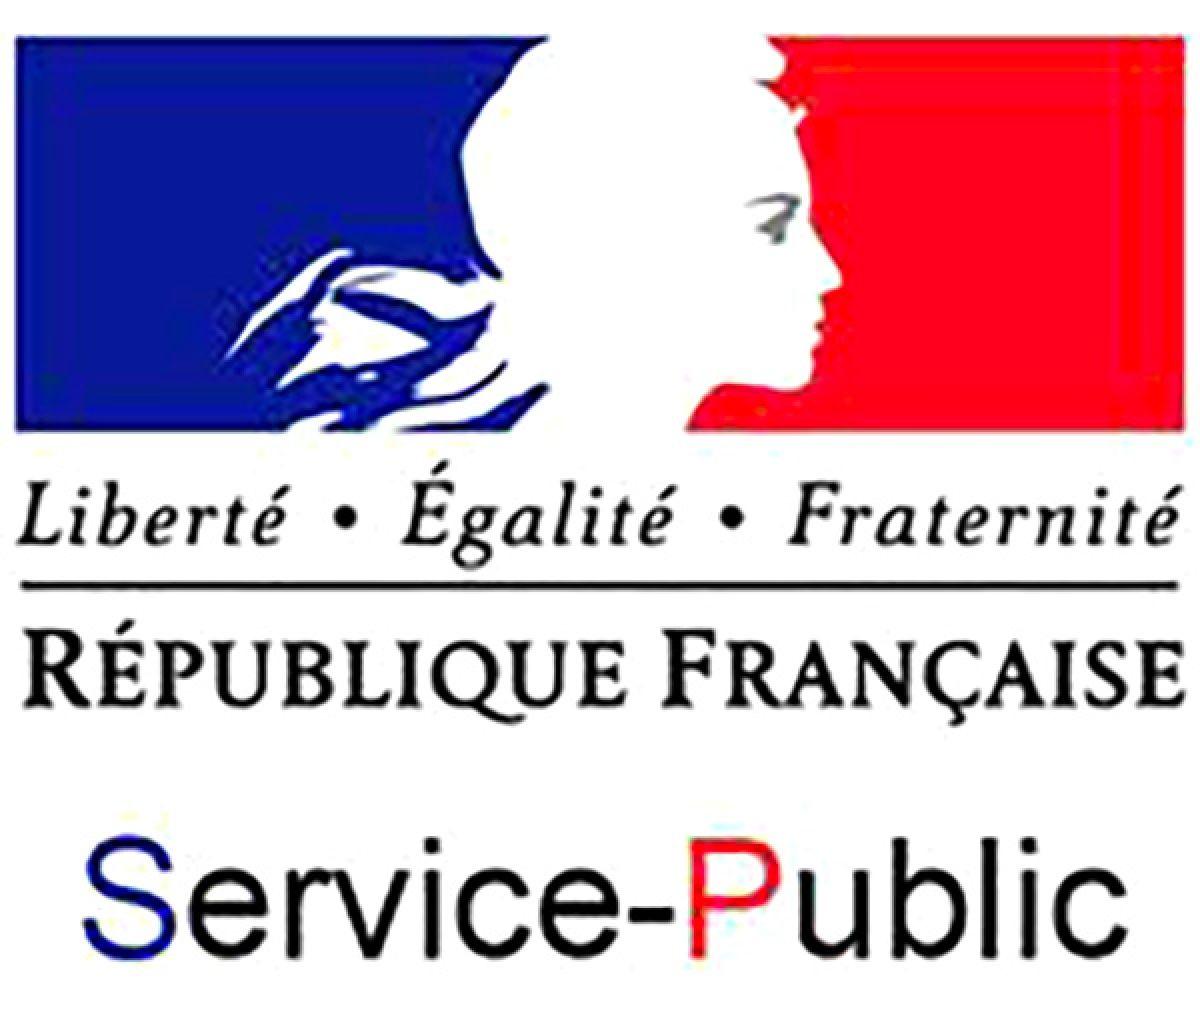 Services publics : les contacts utiles